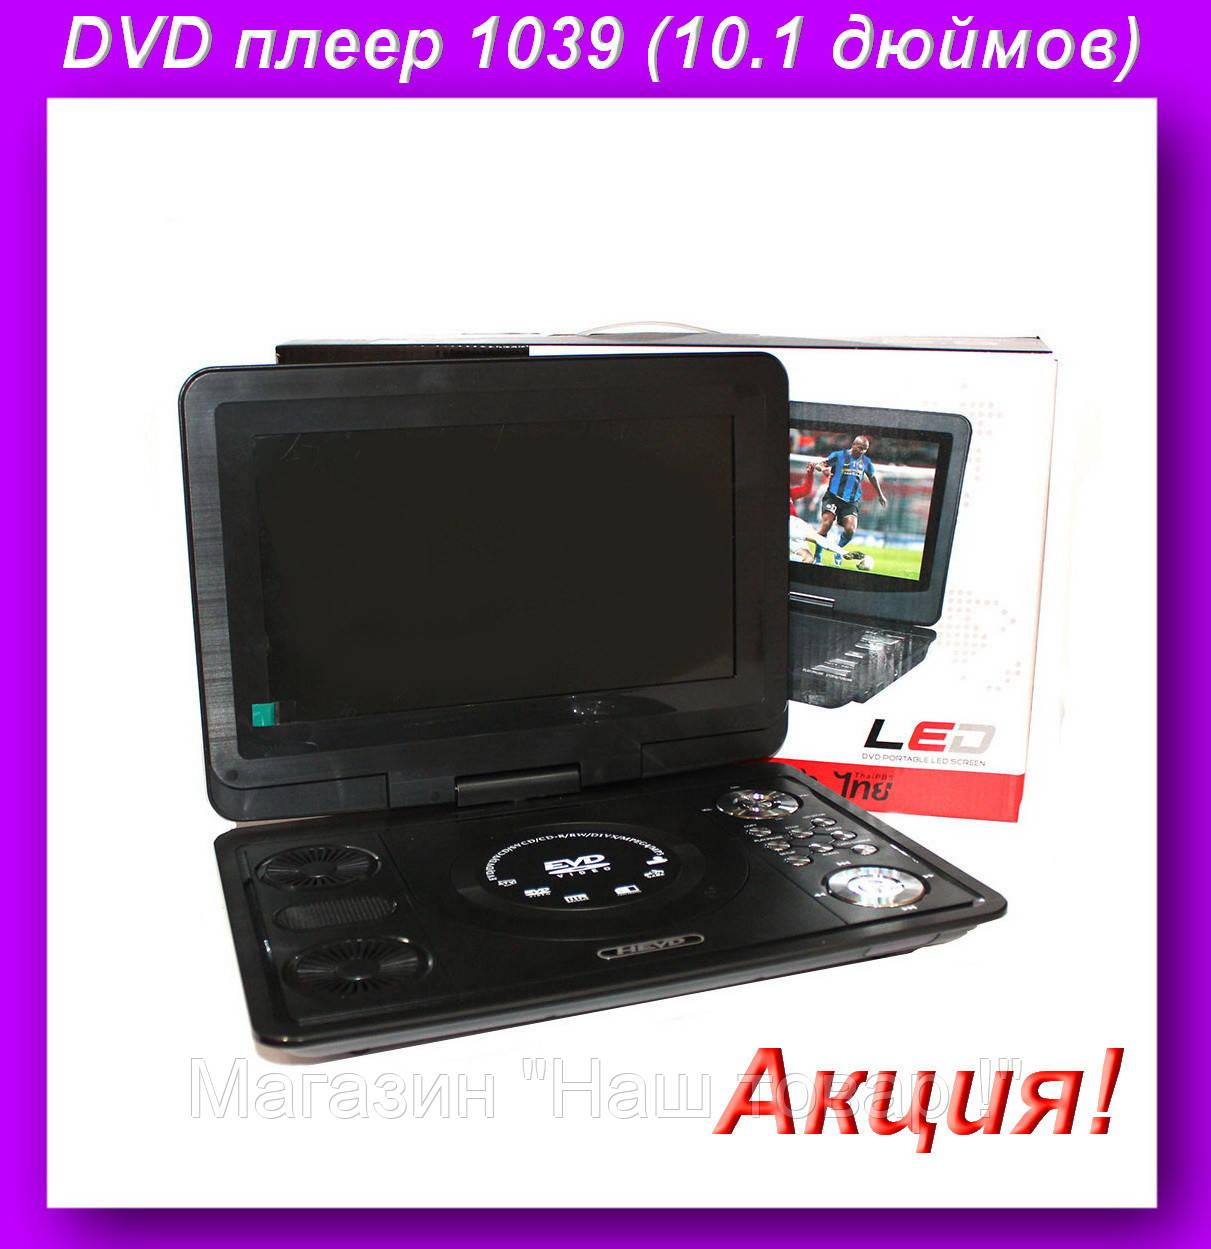 """Портативное DVD 1039 (10.1""""), DVD плеер портативный!Акция"""